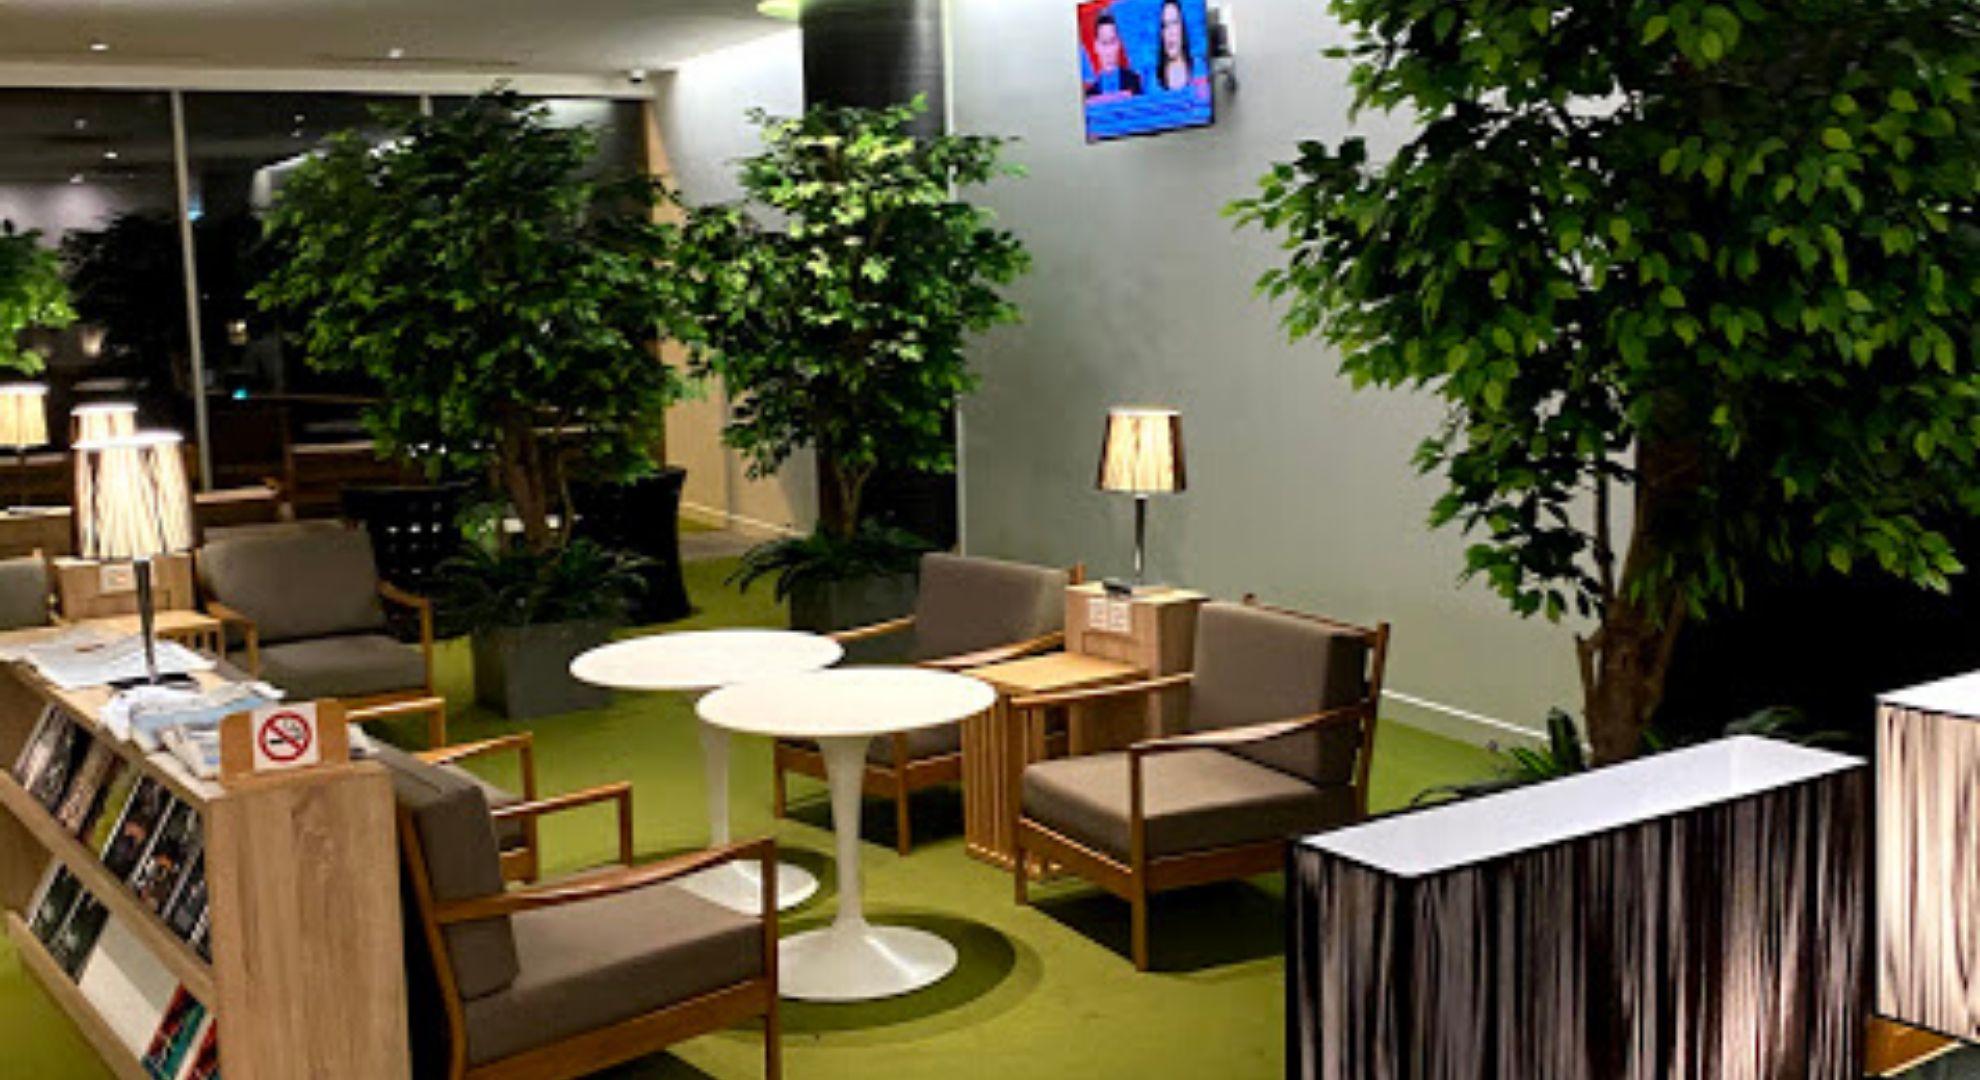 マンダレー国際空港にプライオリティパスで利用できるラウンジ「CIP Lounge」の紹介